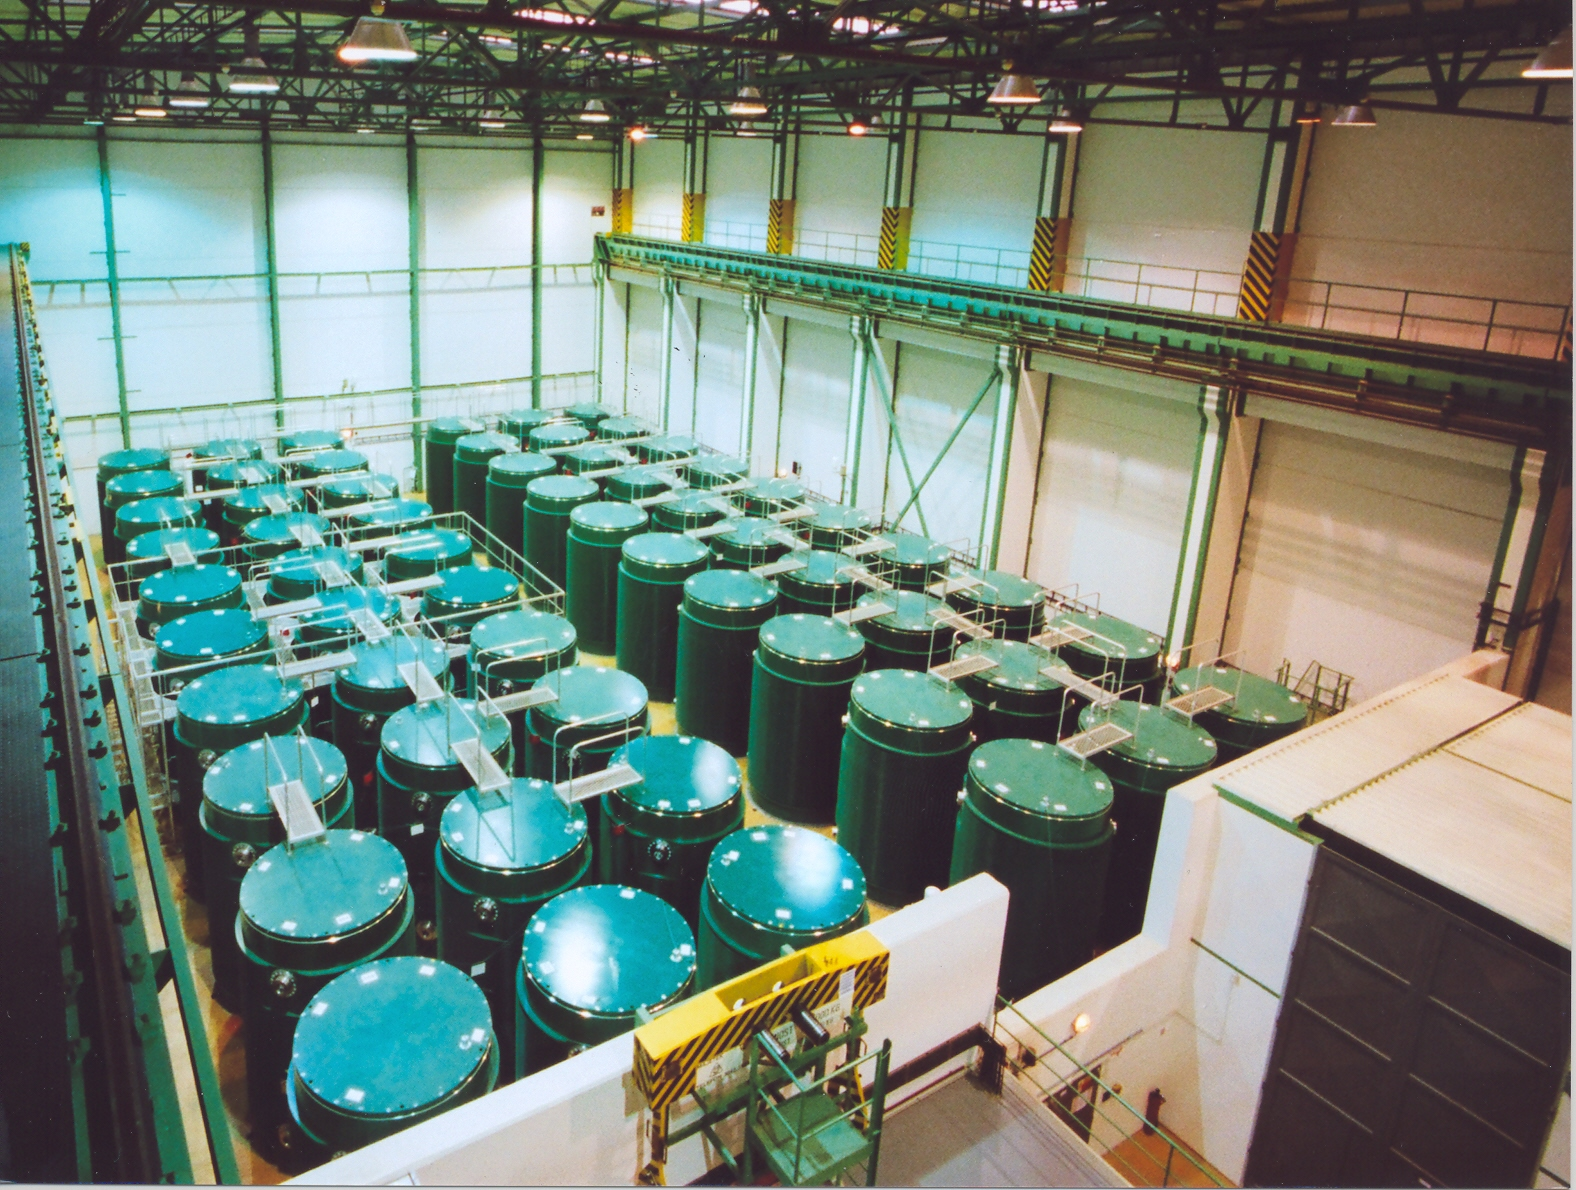 Vláda plánuje výplatu kompenzací za průzkumy k jaderným úložištím